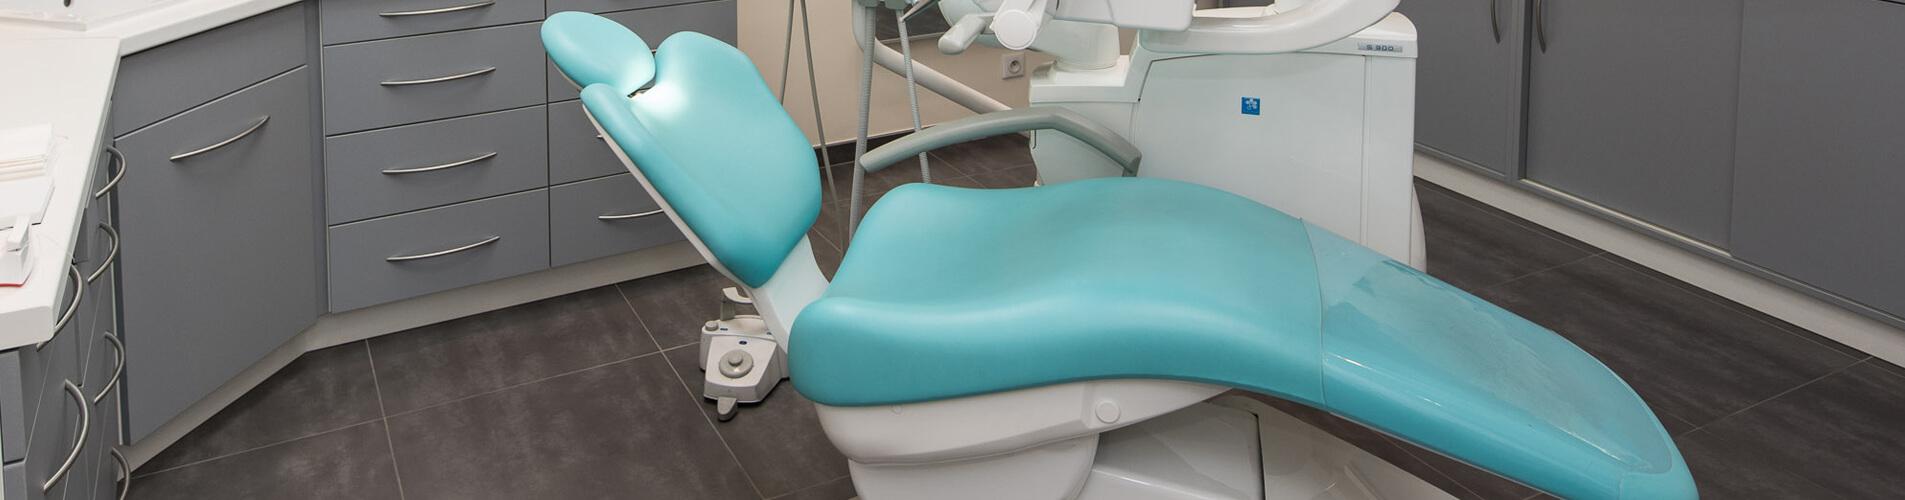 Dentiste Maisons-Alfort